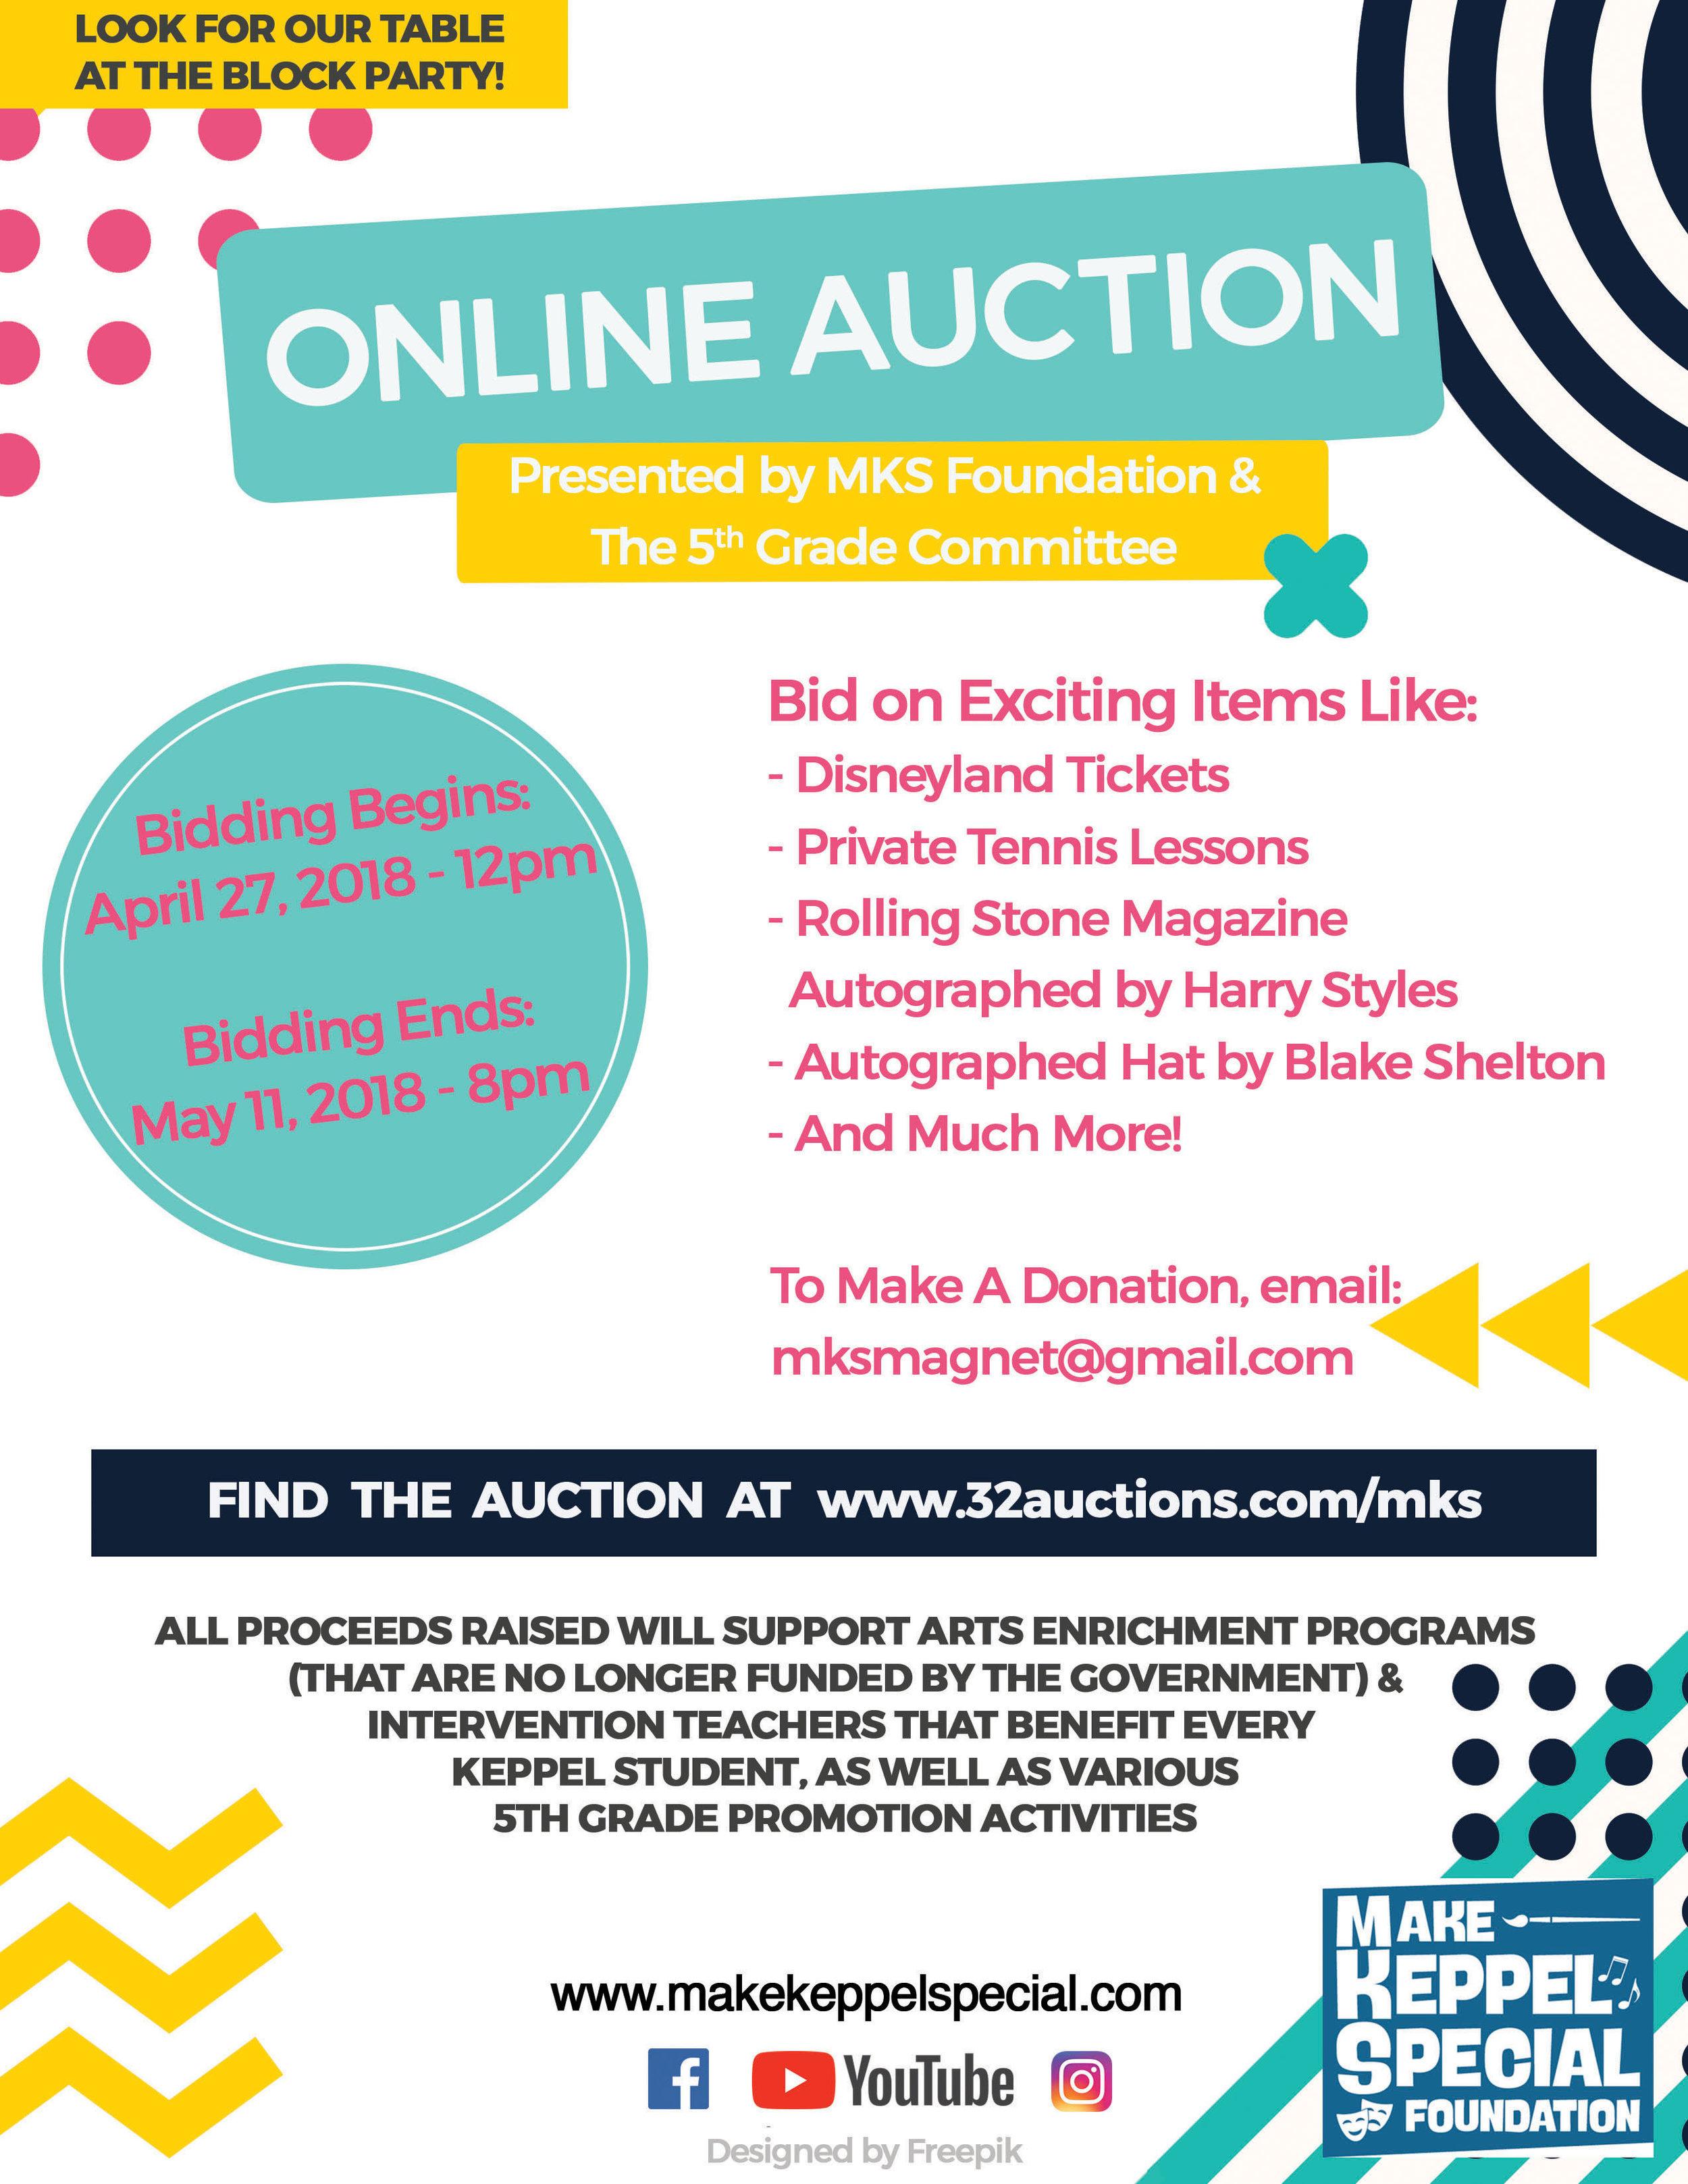 MKS Online Auction Flier 2018_C_rgb.jpg